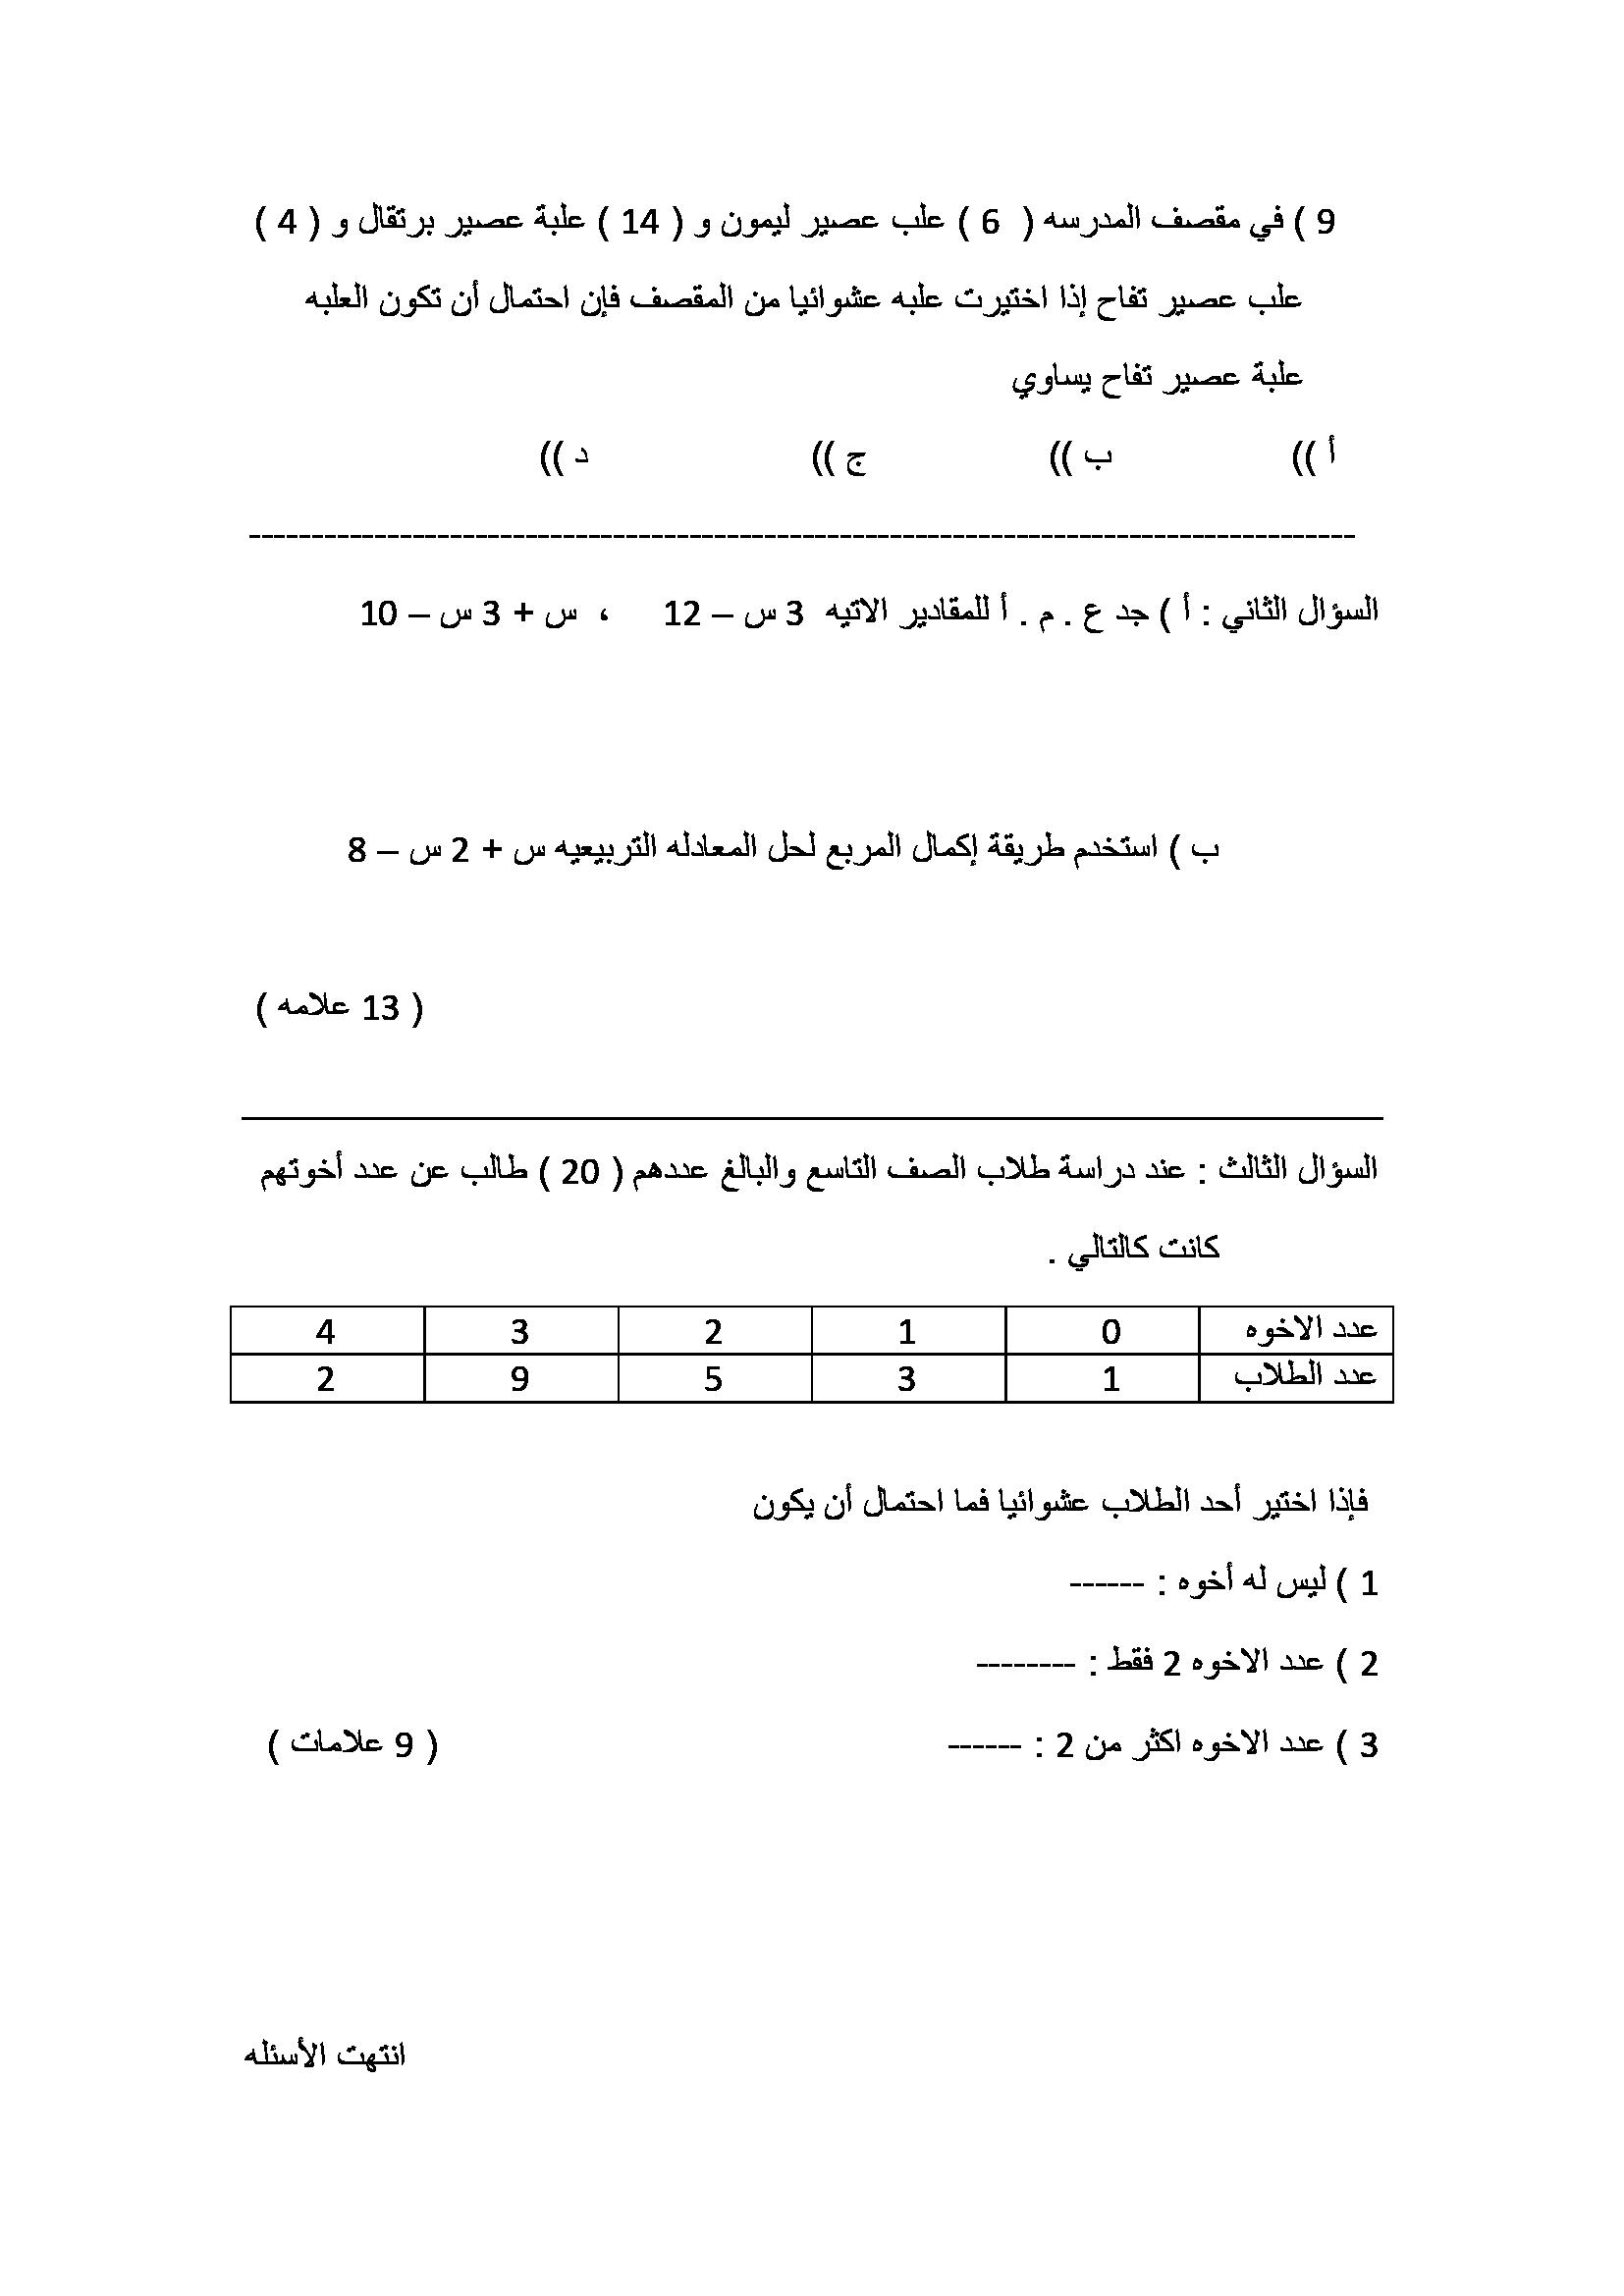 اختبار نهائي لمادة الرياضيات للصف التاسع الفصل الاول 2018